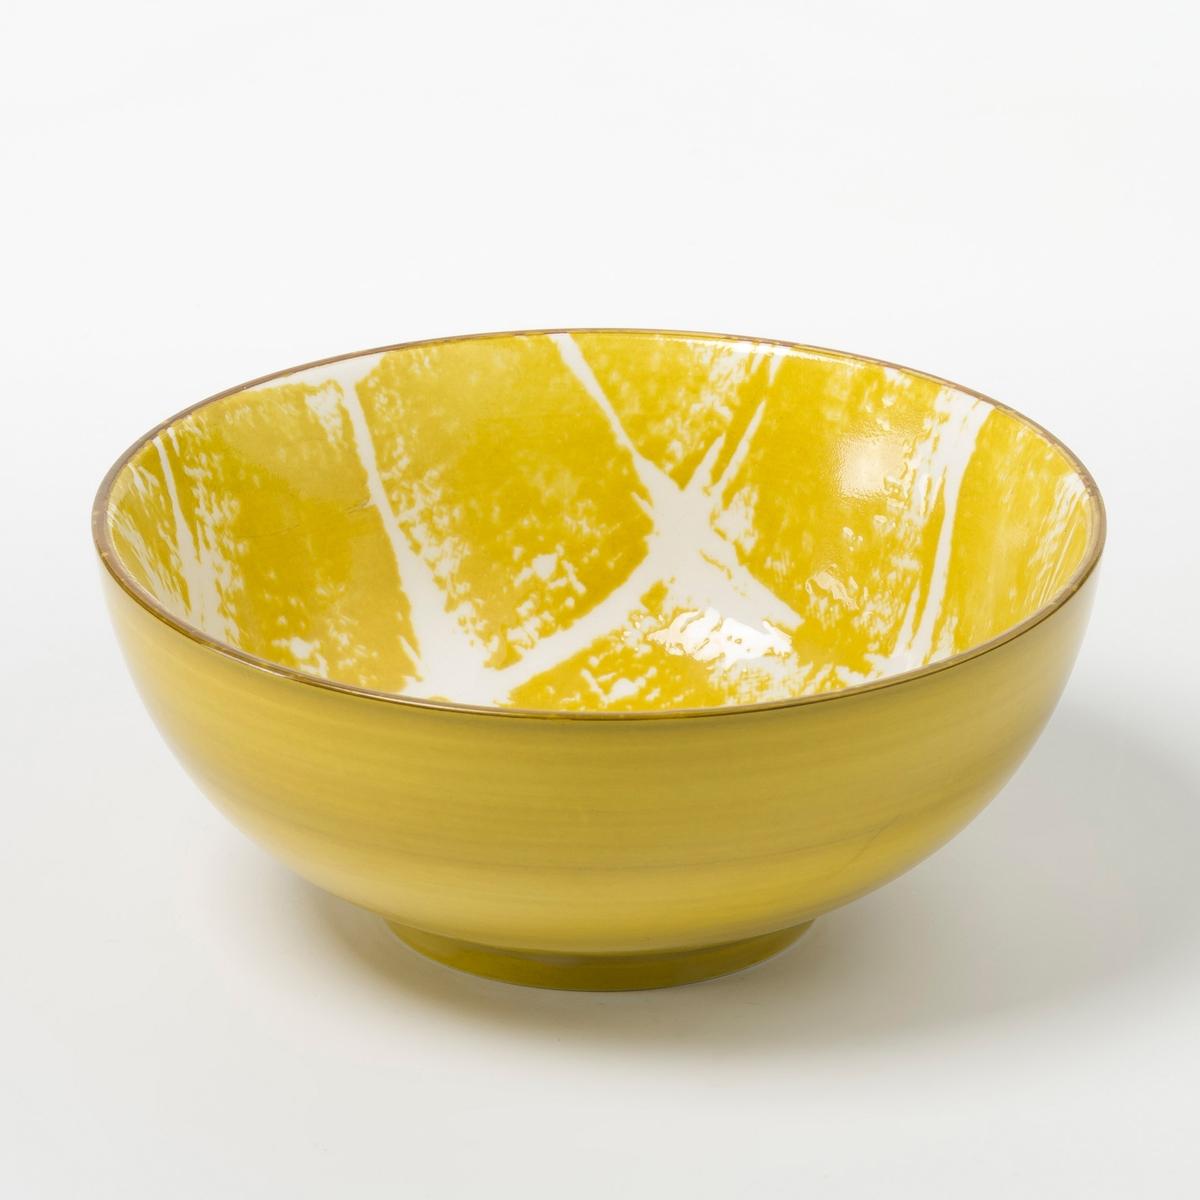 Комплект из 4 мисок из керамики MaladoКомплект из 4 мисок Malado. Геометрический рисунок цвета индиго в стиле икат, коричневая кайма по краю. Из керамики, покрытой глазурью. Размеры  : диаметр 14 x высота 6 см. Подходит для посудомоечной машины и микроволновой печи. Салатник, мелкая тарелка и десертная тарелка того же набора представлены на нашем сайте.<br><br>Цвет: горчичный<br>Размер: единый размер